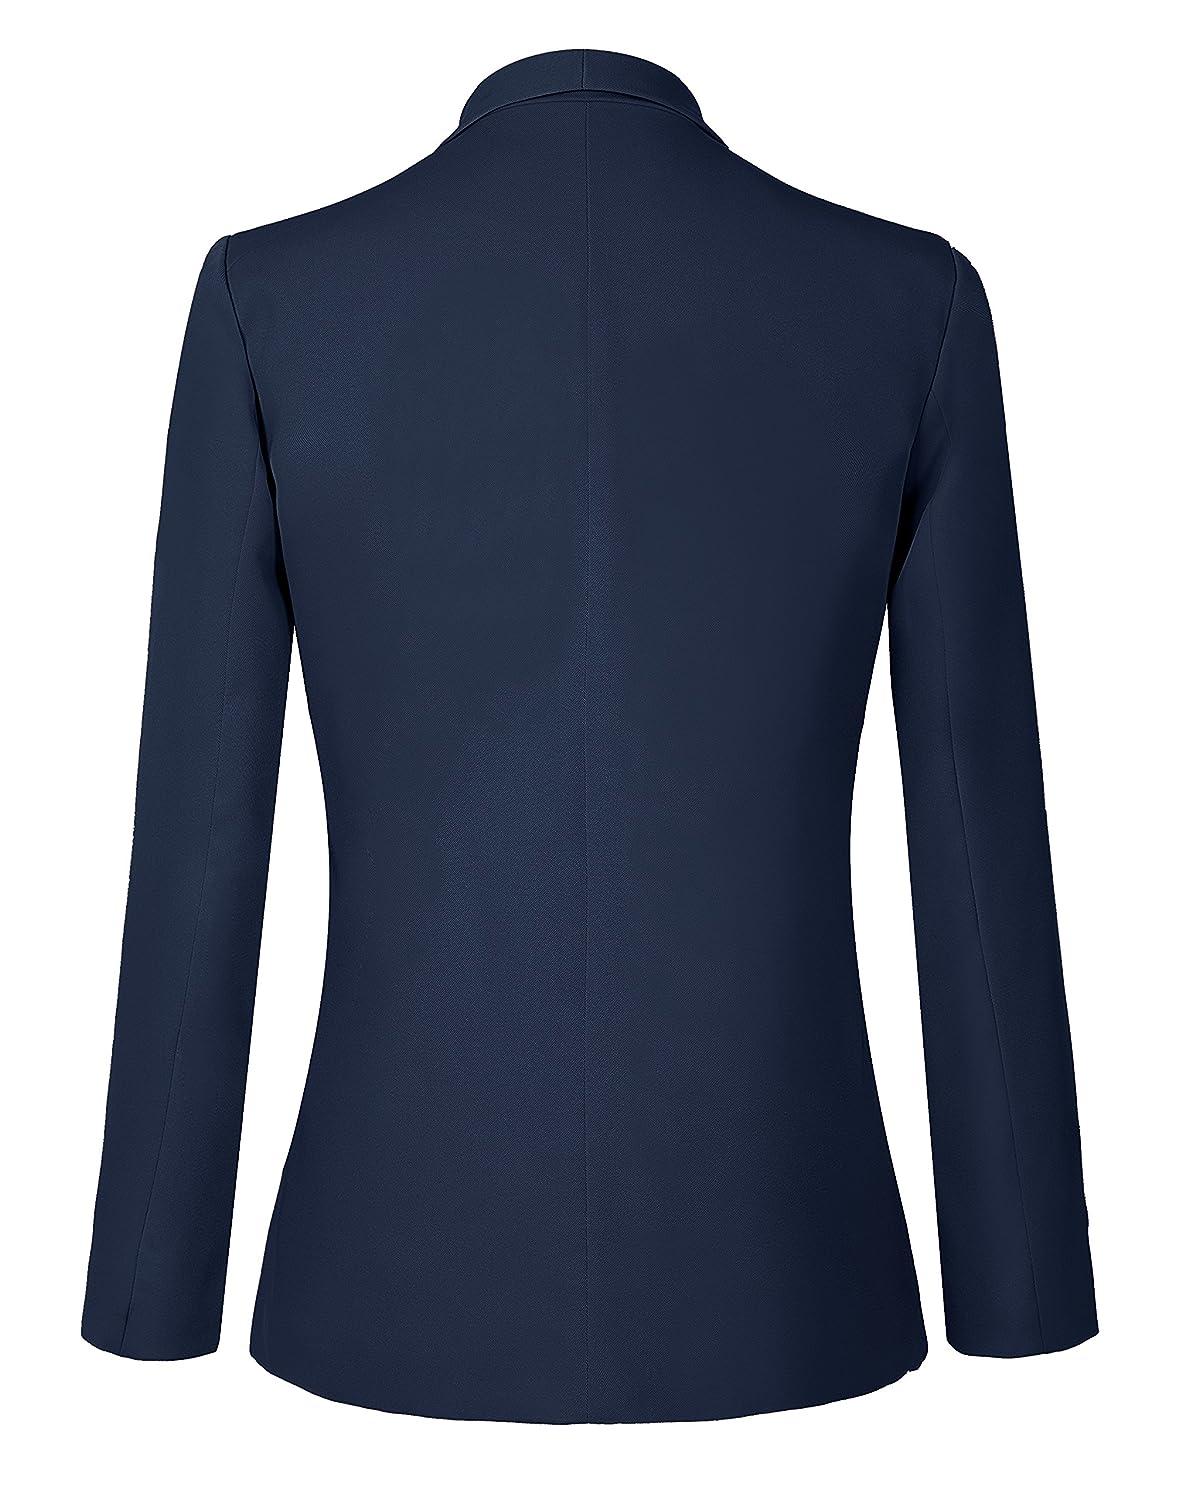 Urban GoCo Mujeres Blazers Chaqueta de Traje Slim Fit Elegante Oficina Negocios Outwear